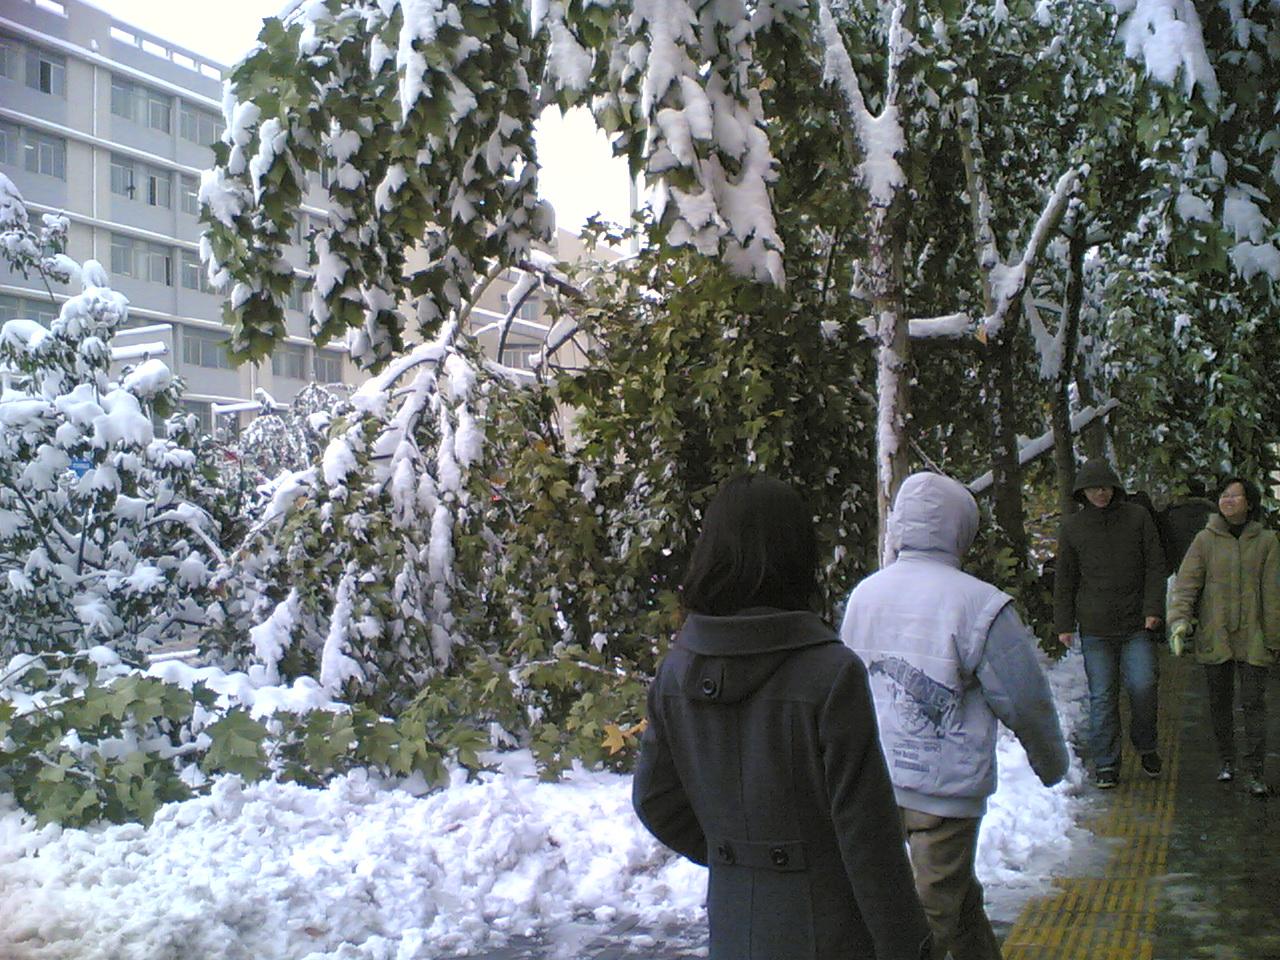 可怜的大树,就这样屈服在暴雪之下